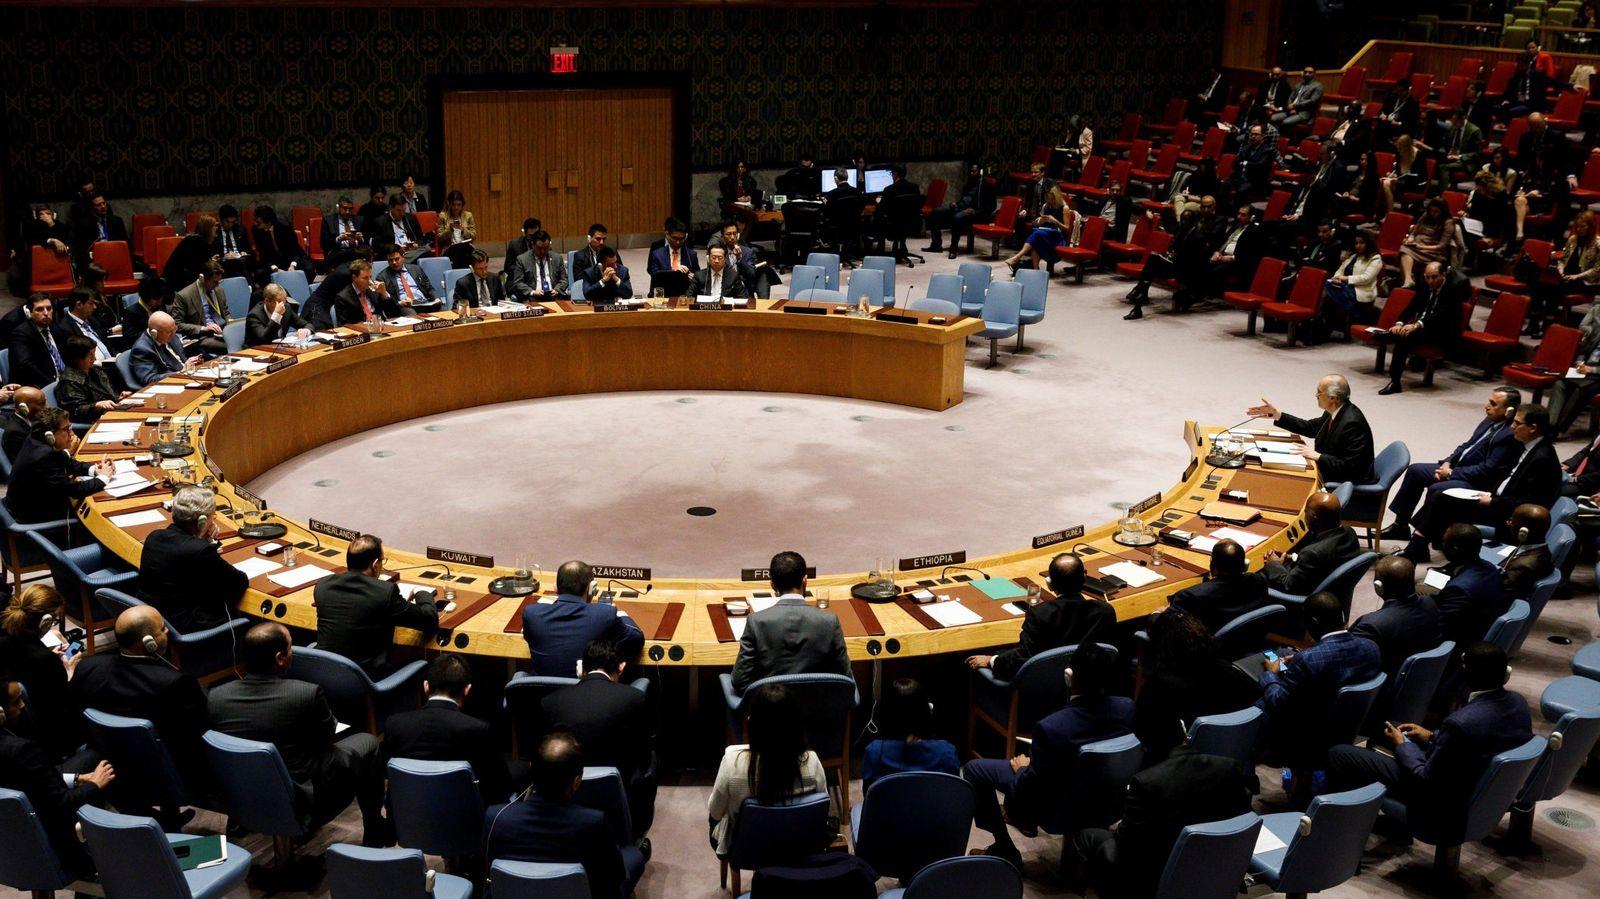 Foto: Reunión del Consejo de Seguridad de la ONU sobre Siria. (EFE)